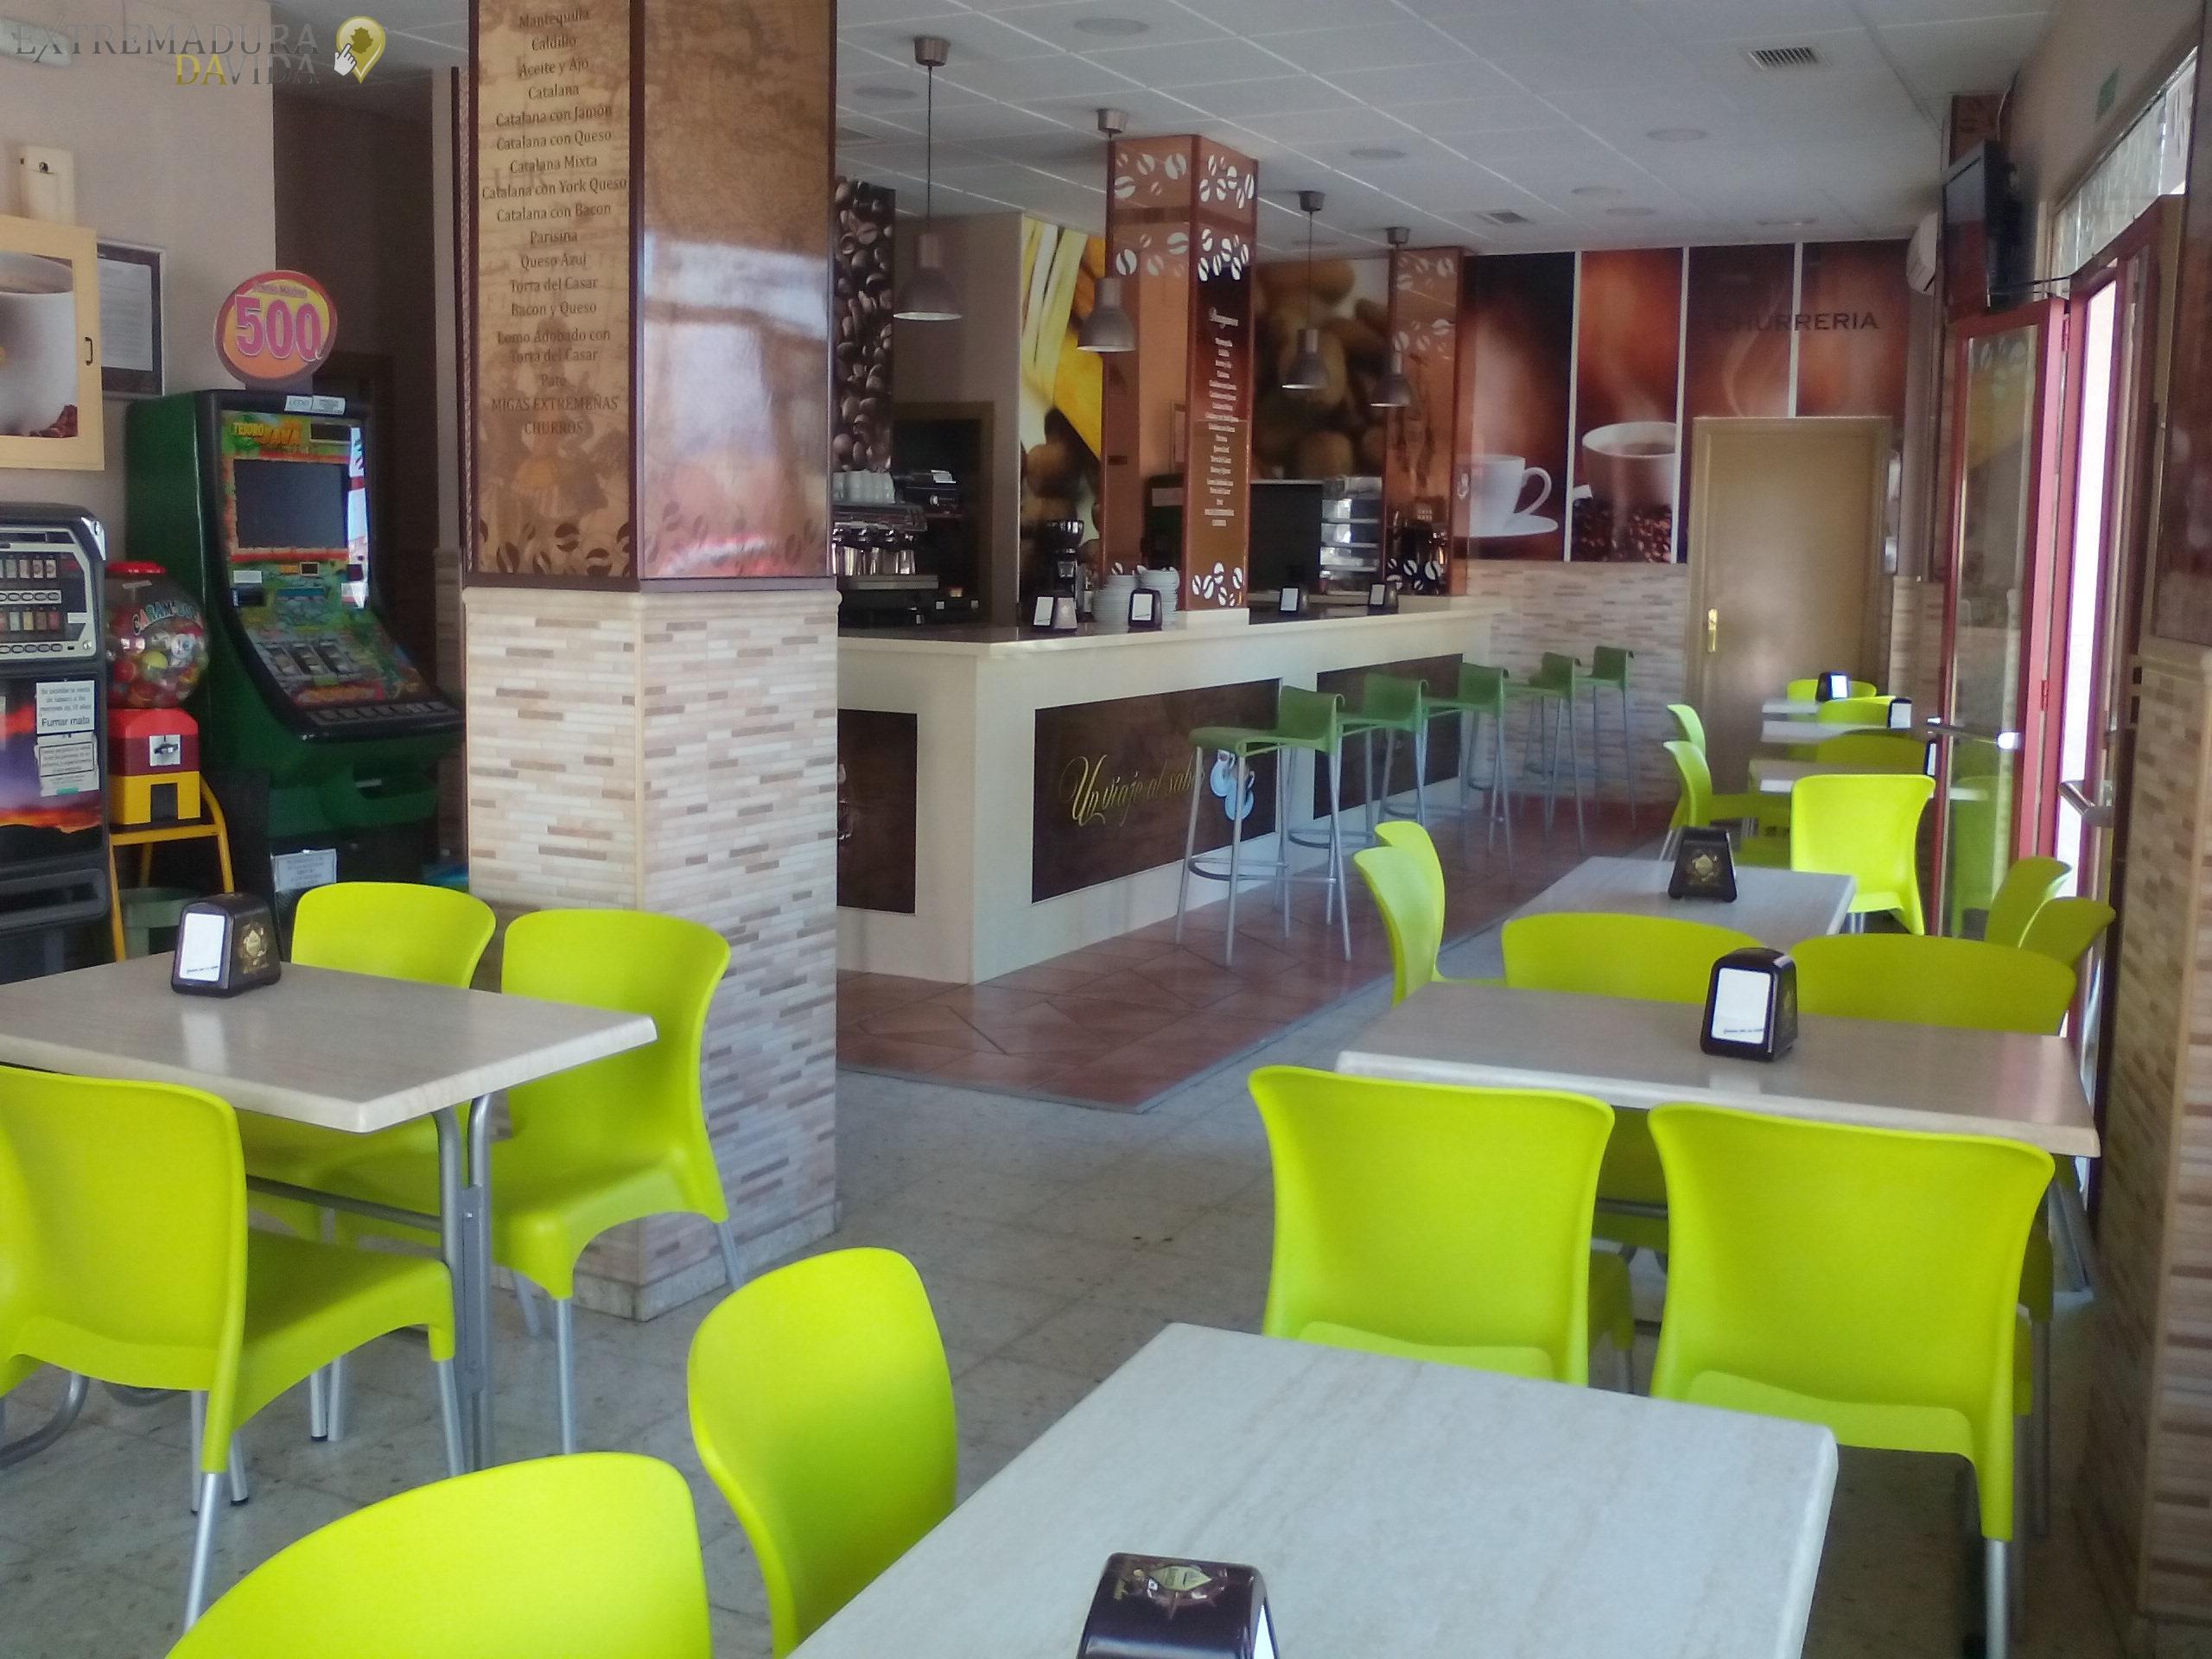 CHURRERIA EN ALMENDRALEJO CAFETERIA EL PILAR